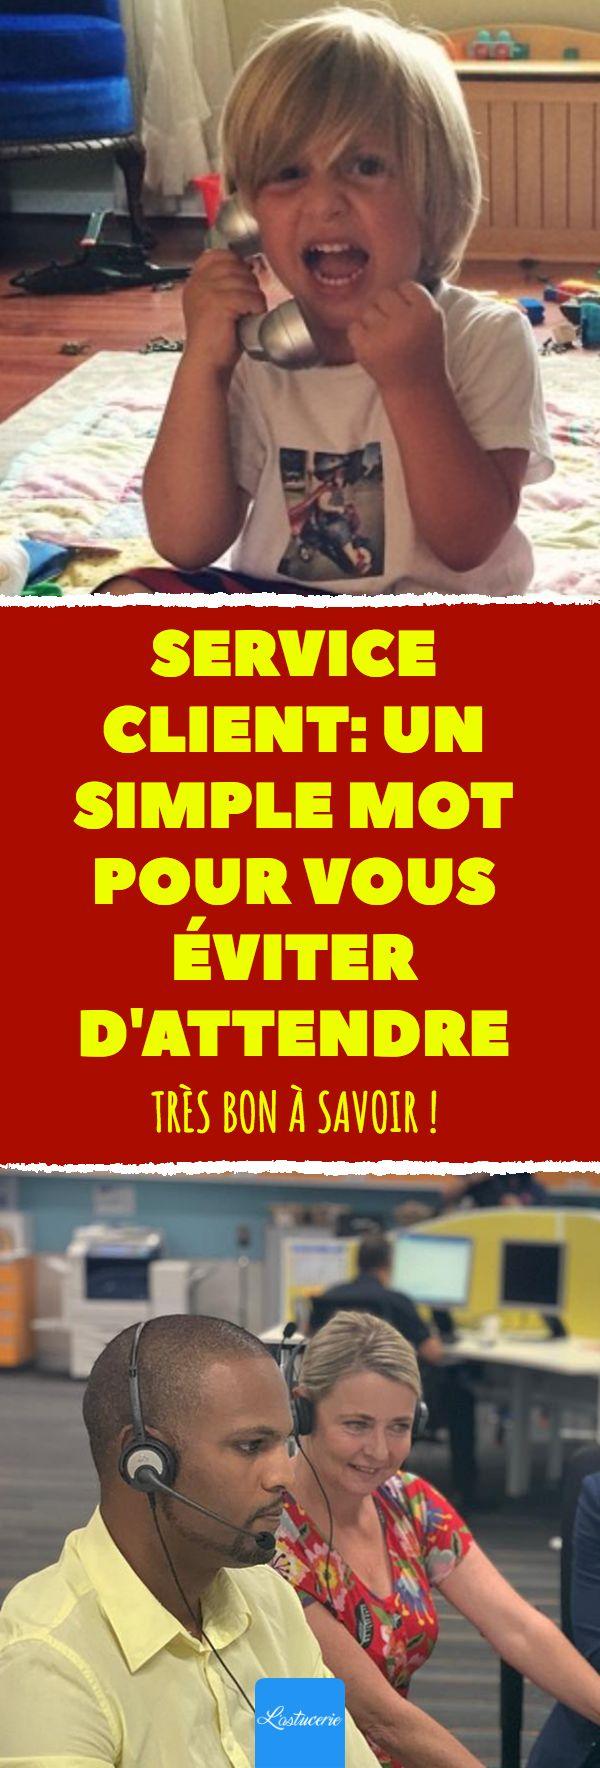 Service client un simple mot pour vous éviter d'attendre